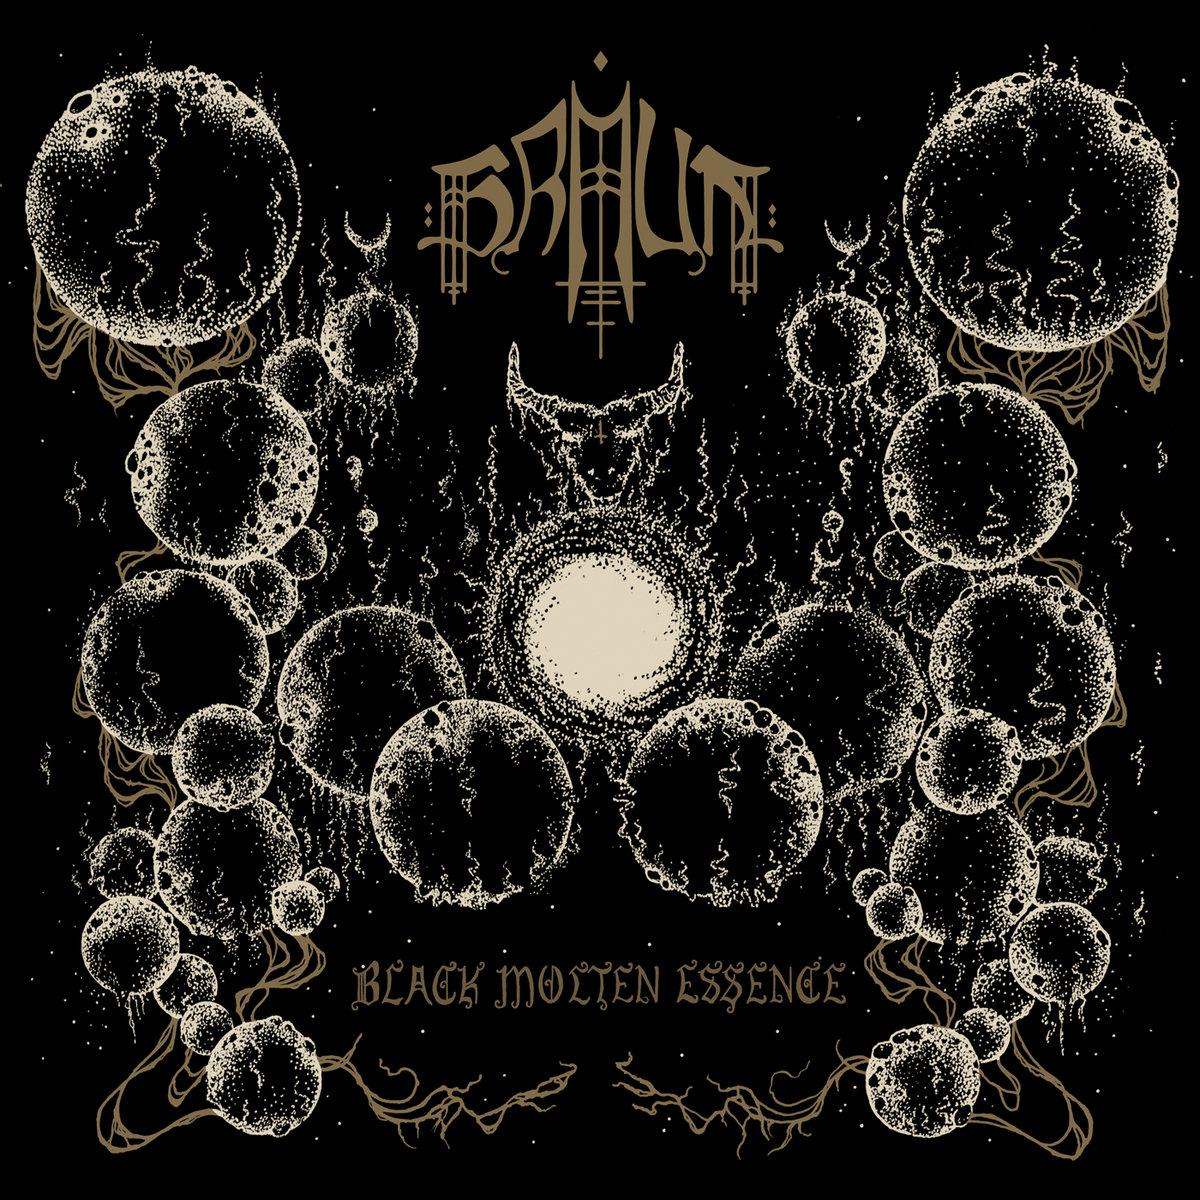 Hraun Black Molten Essence Cover Art